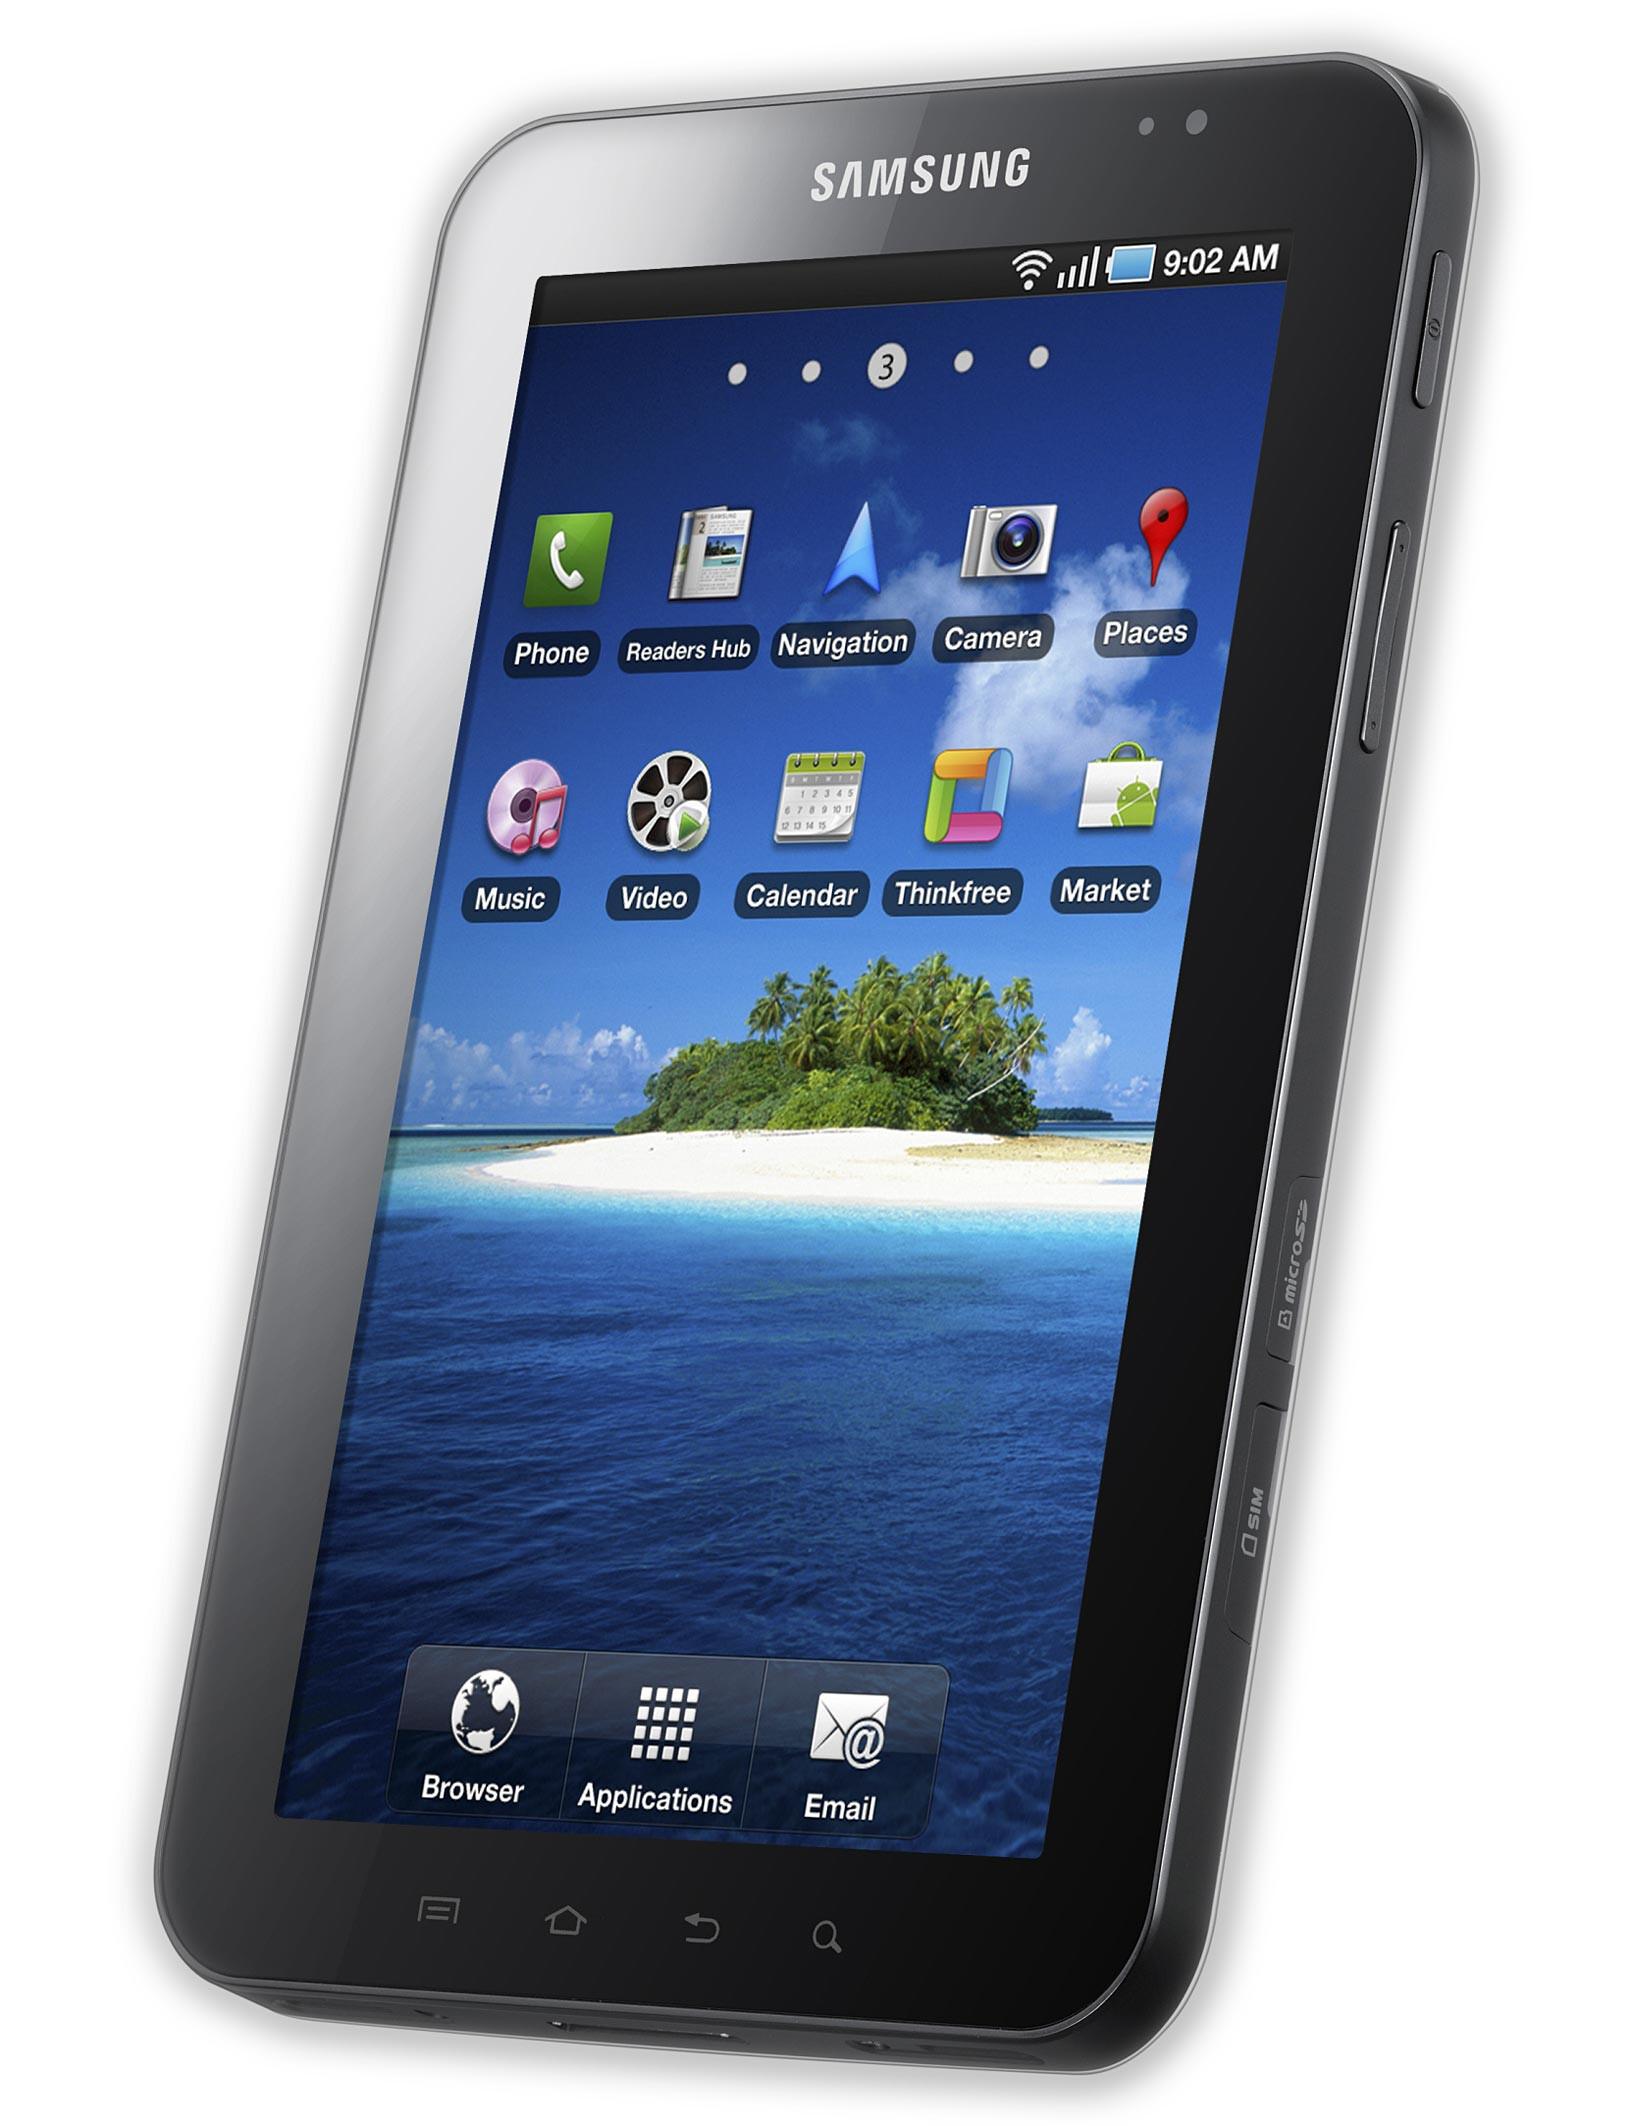 Samsung Galaxy Tab CDMA Specs